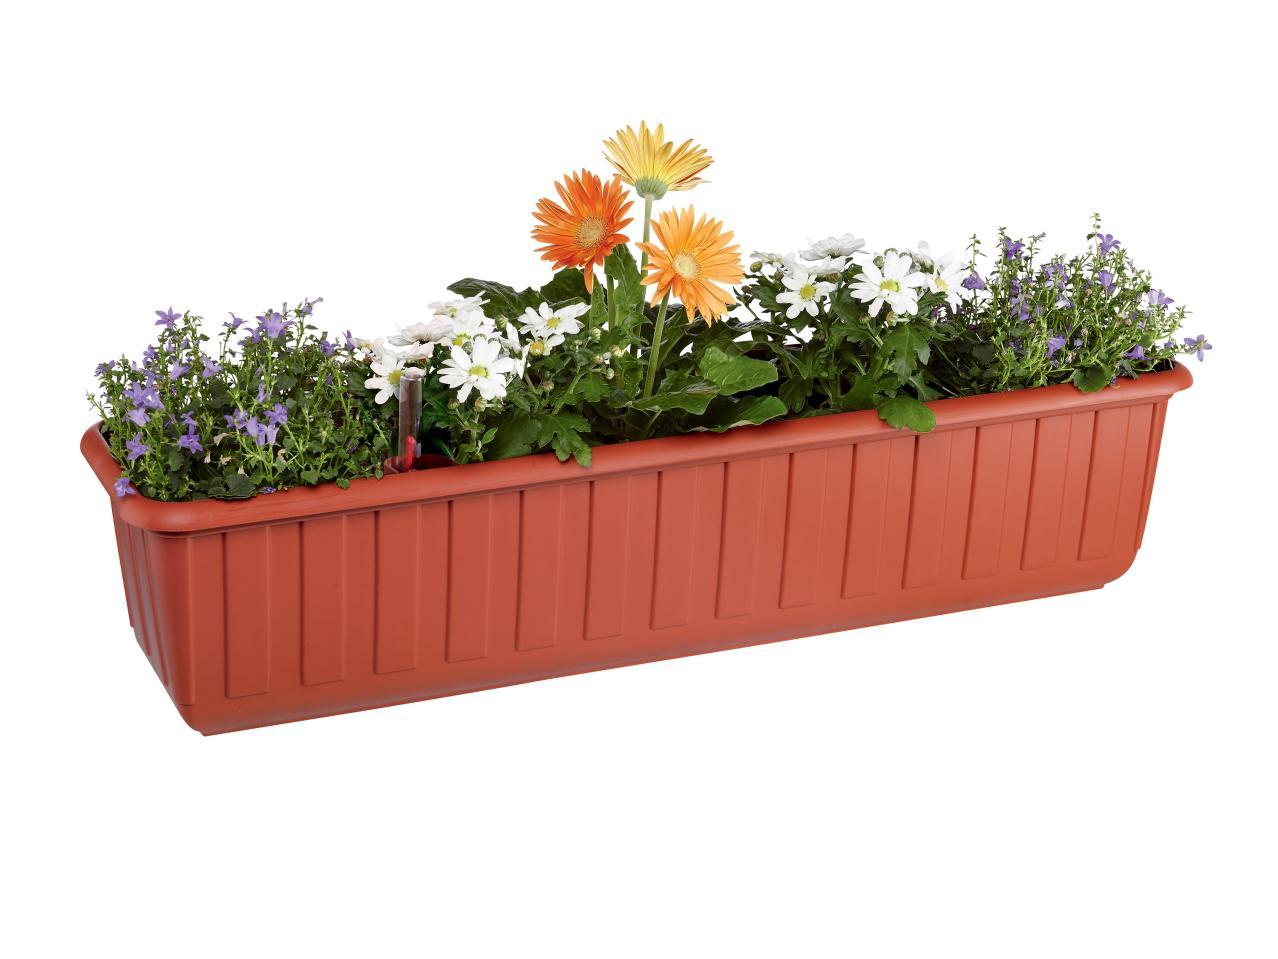 jardini re avec niveau d 39 eau lidl france archive des. Black Bedroom Furniture Sets. Home Design Ideas